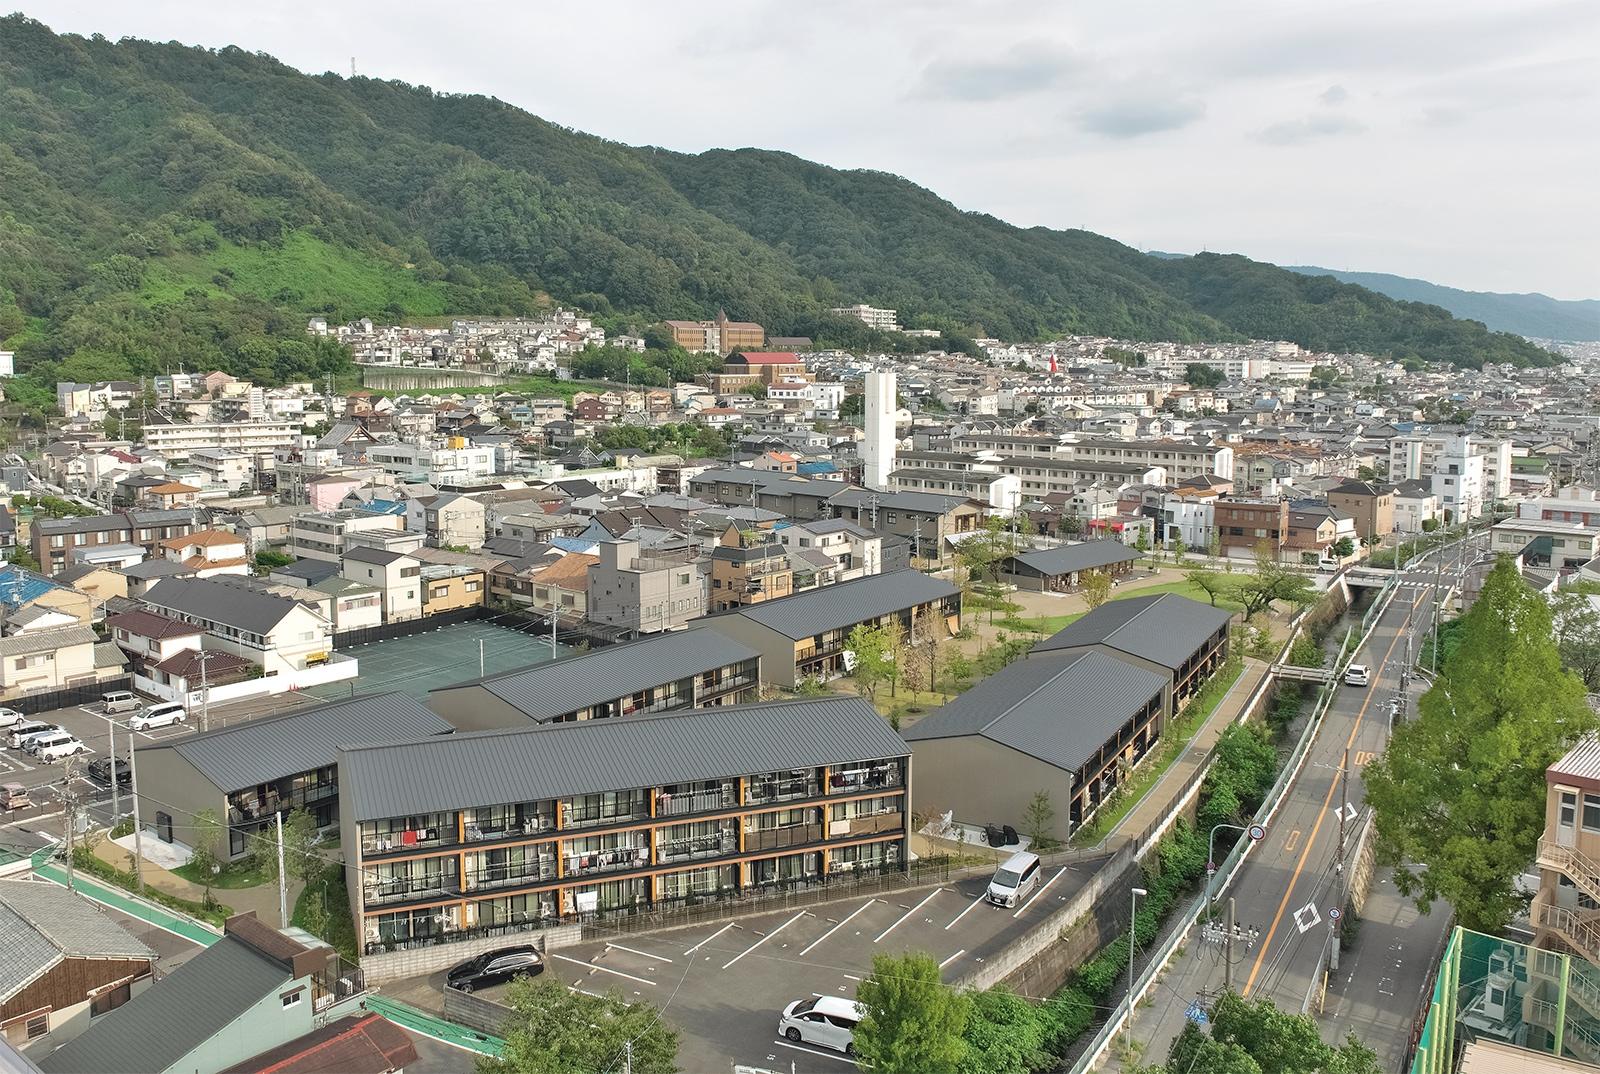 大阪府大東市の旧市営団地建て替え後に生まれた「morineki」(「国内初「PPP建て替え」事業 民賃転換が前提の公営住宅に」参照)。標高314mの飯盛山の裾野に広がるベッドタウンに位置する。市における持続可能なまちづくりの一拠点となる(写真:生田 将人)